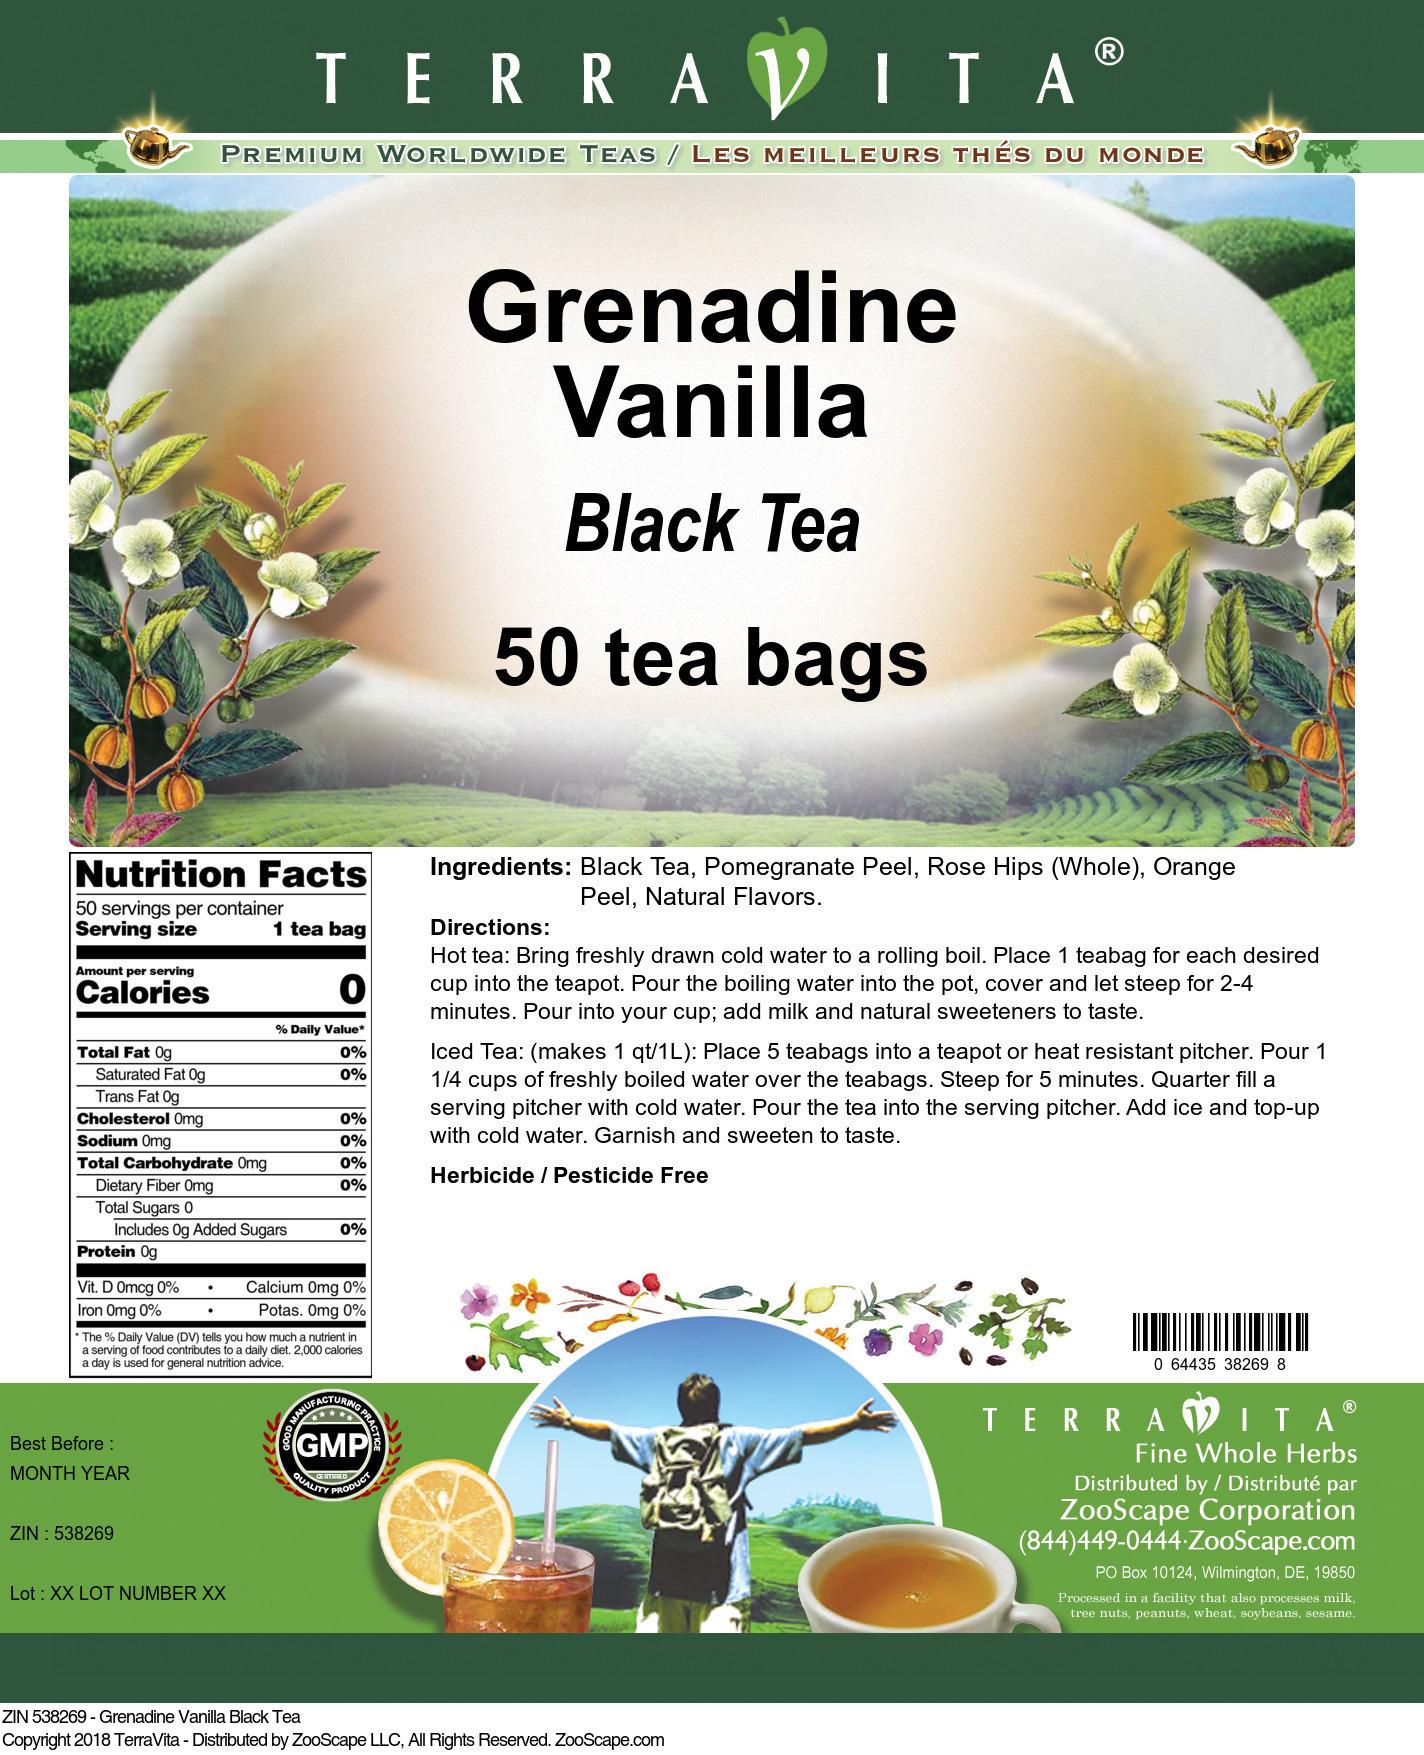 Grenadine Vanilla Black Tea